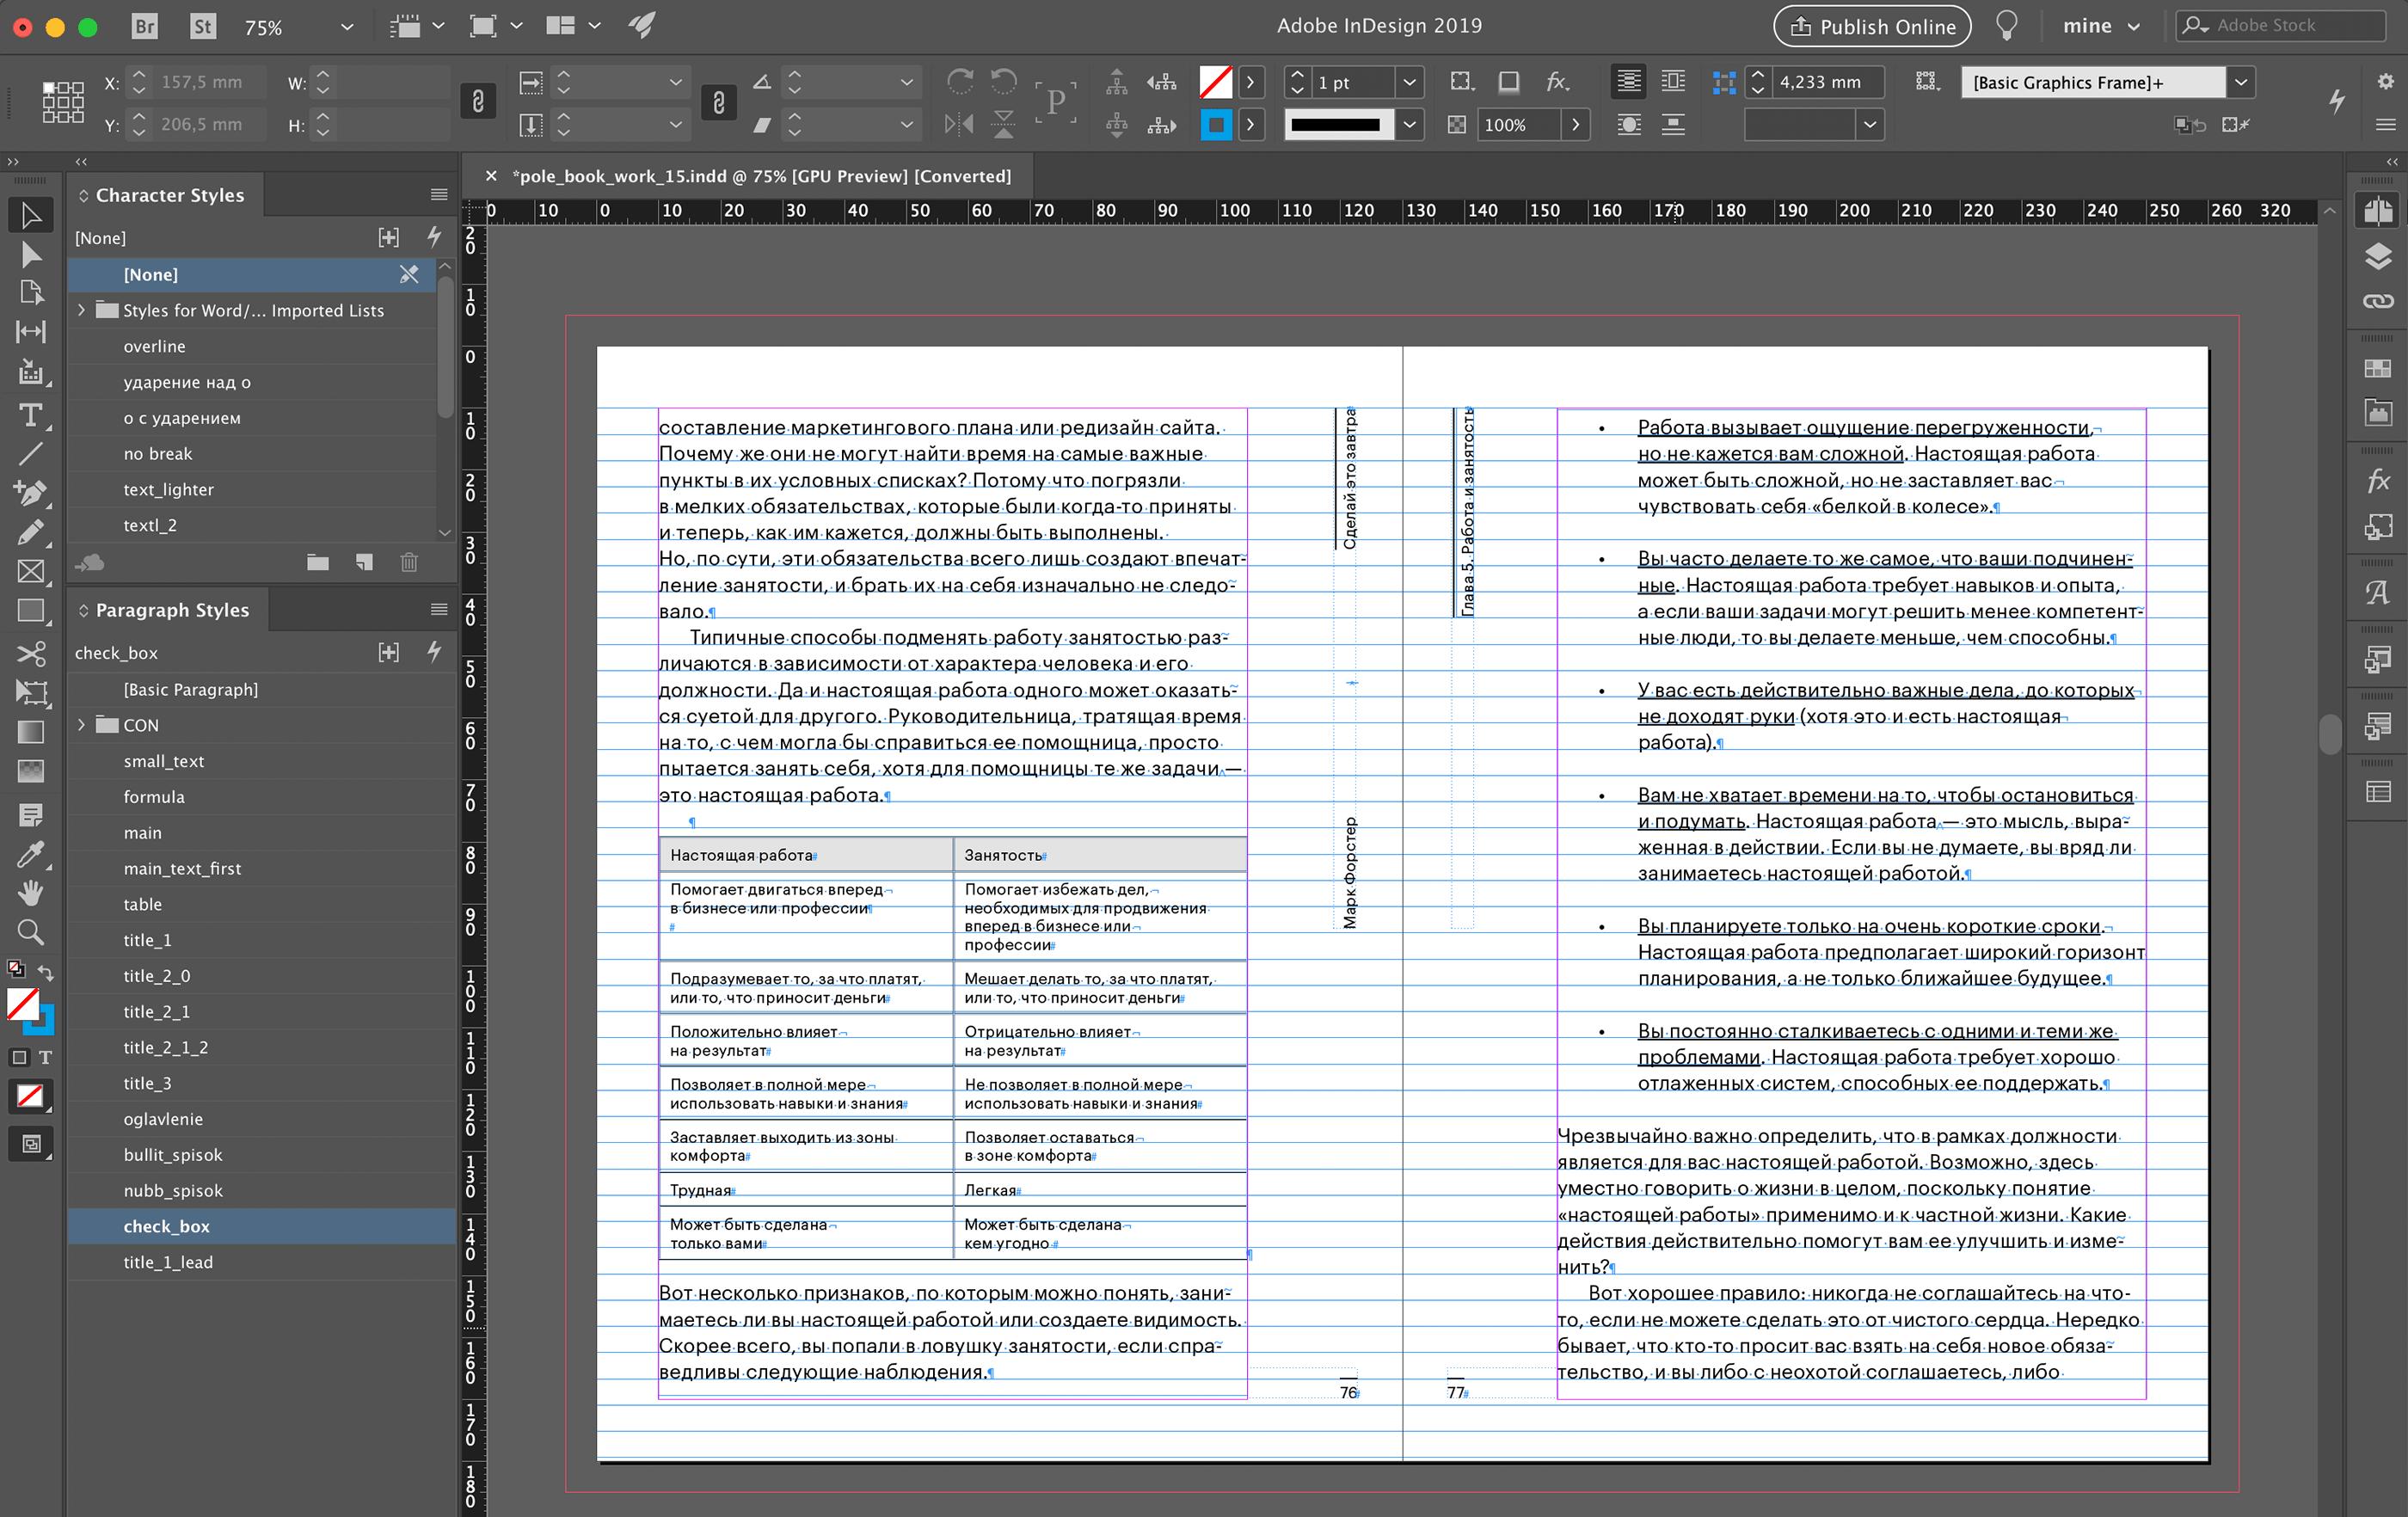 Скриншот верстки разворота книги в программе Adobe InDesign